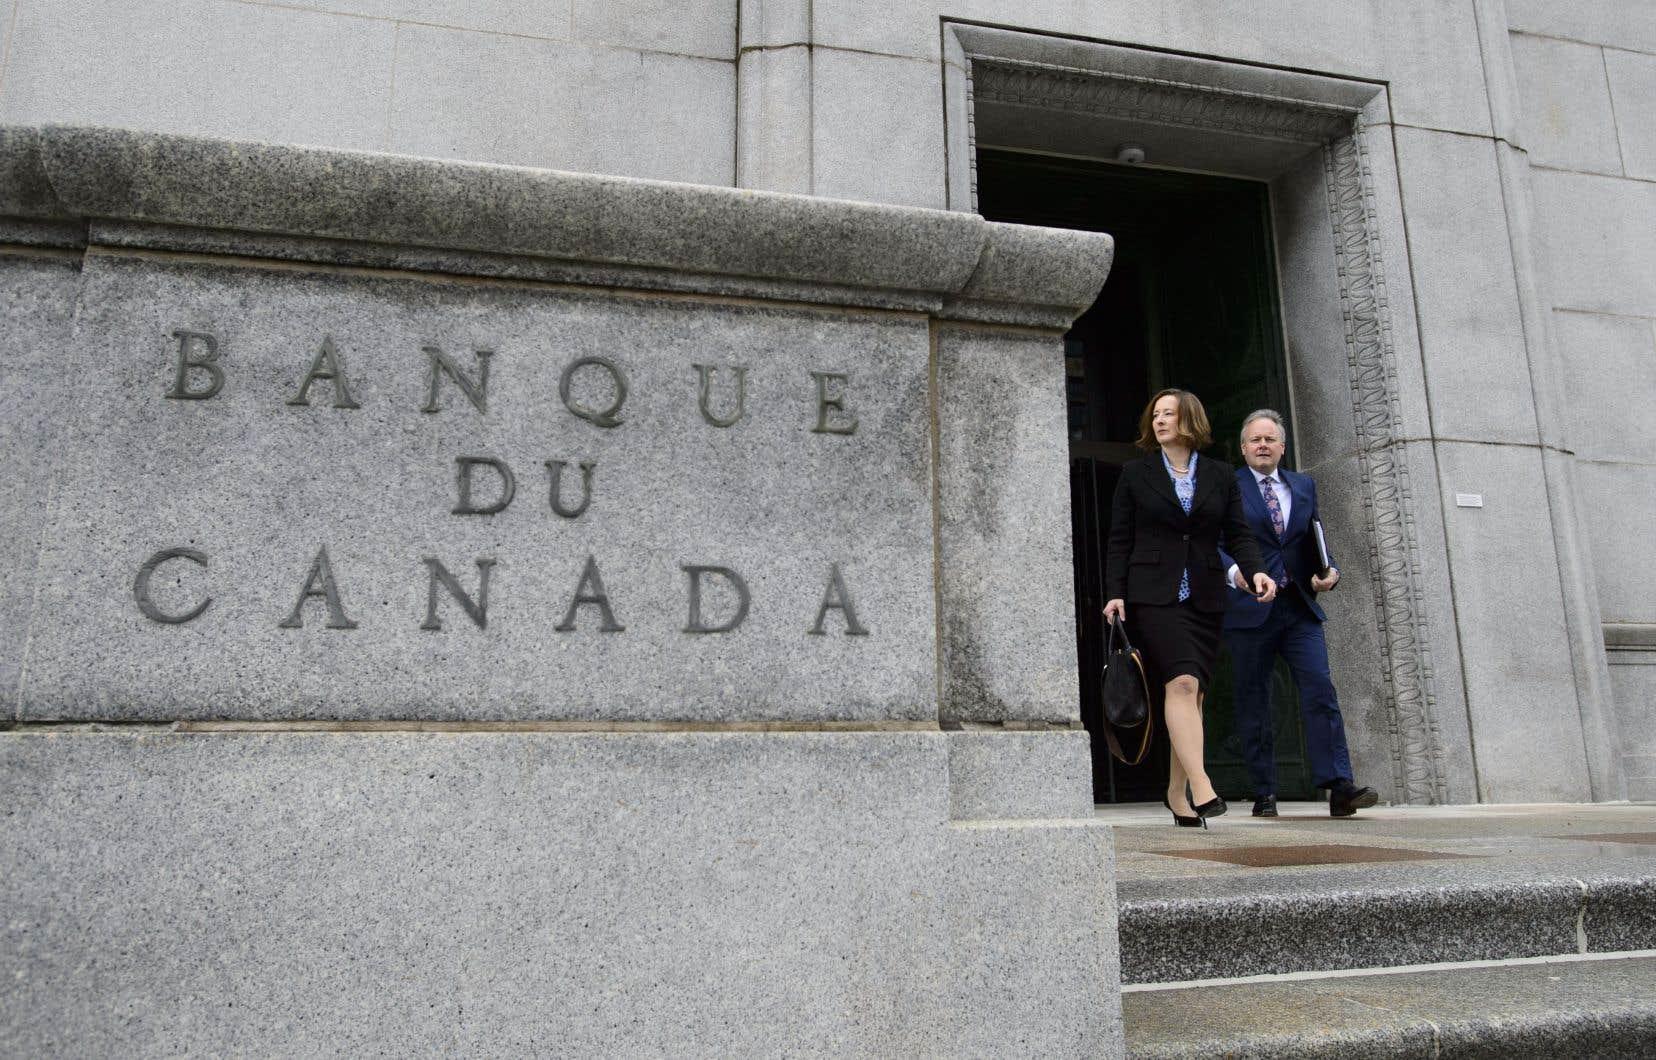 La Loi sur la Banque du Canada aura bientôt 85 ans.